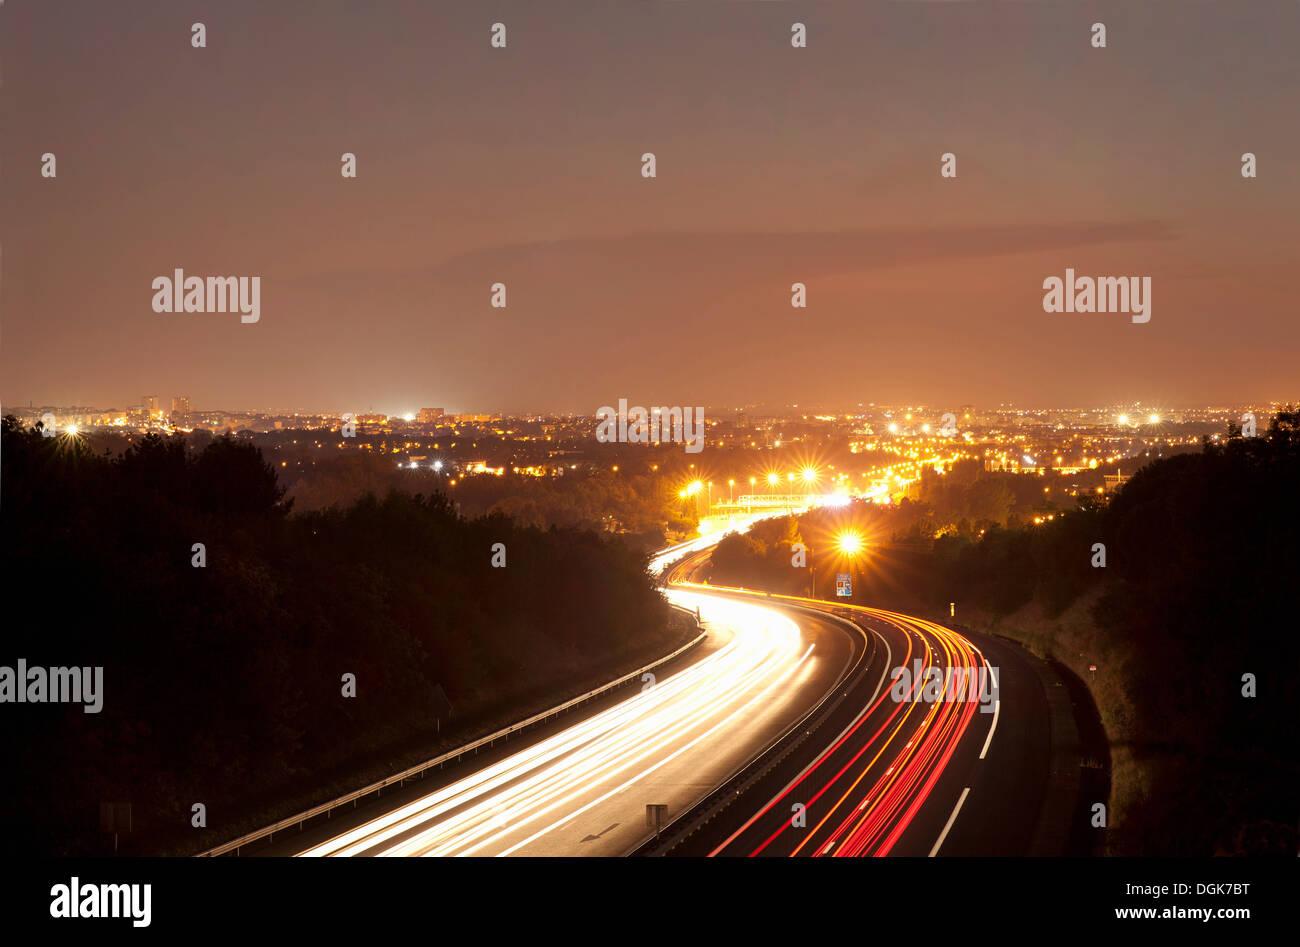 Il traffico su strada in notturna a Tolosa, Francia Immagini Stock